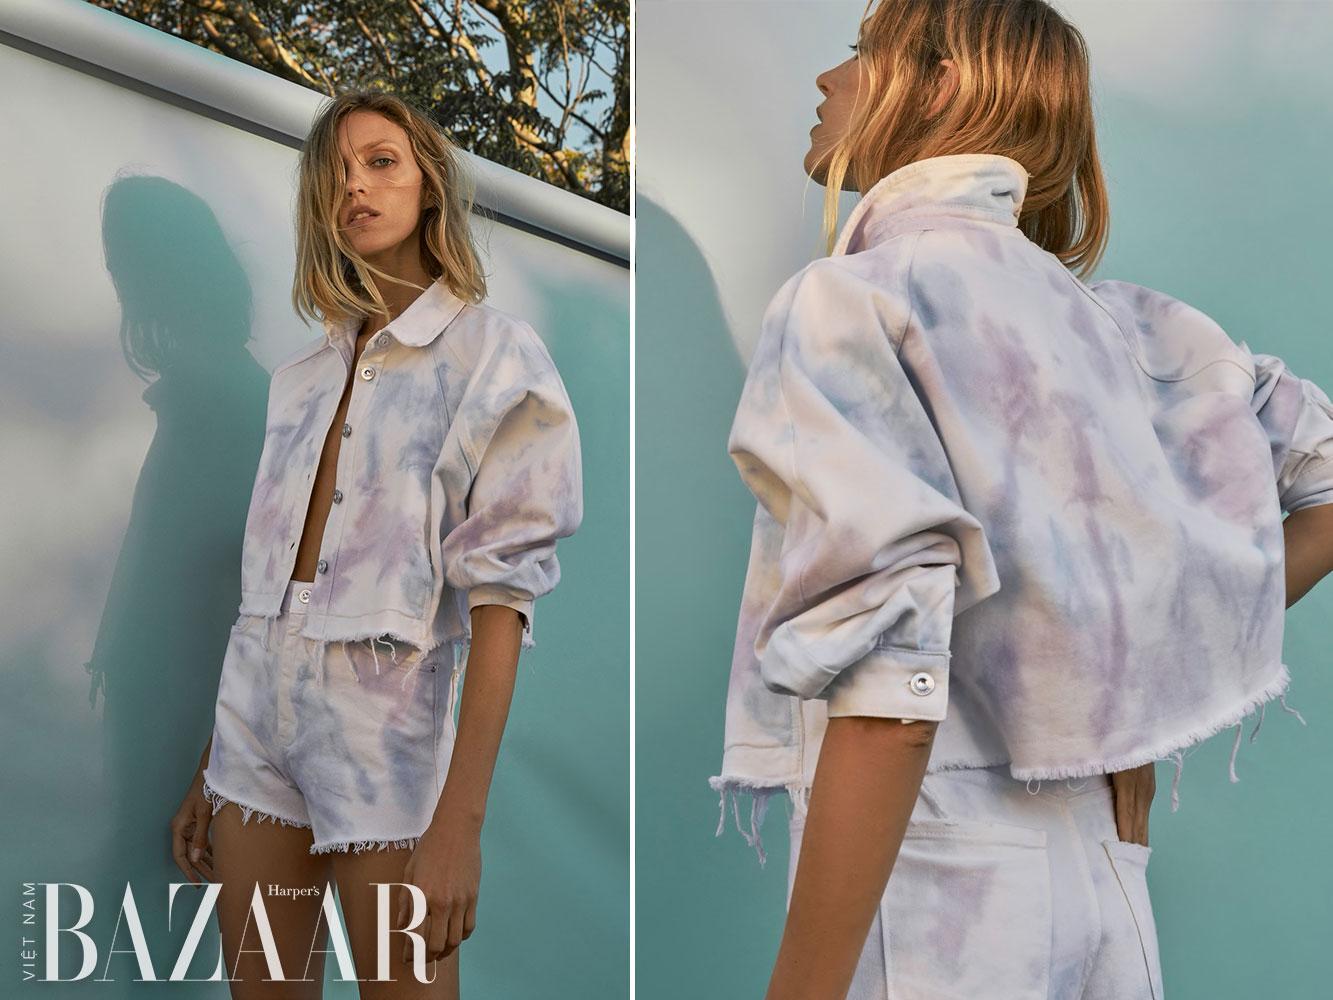 5 ý tưởng mix match chọn đồ mặc mùa hè vừa thời trang, vừa mát 1